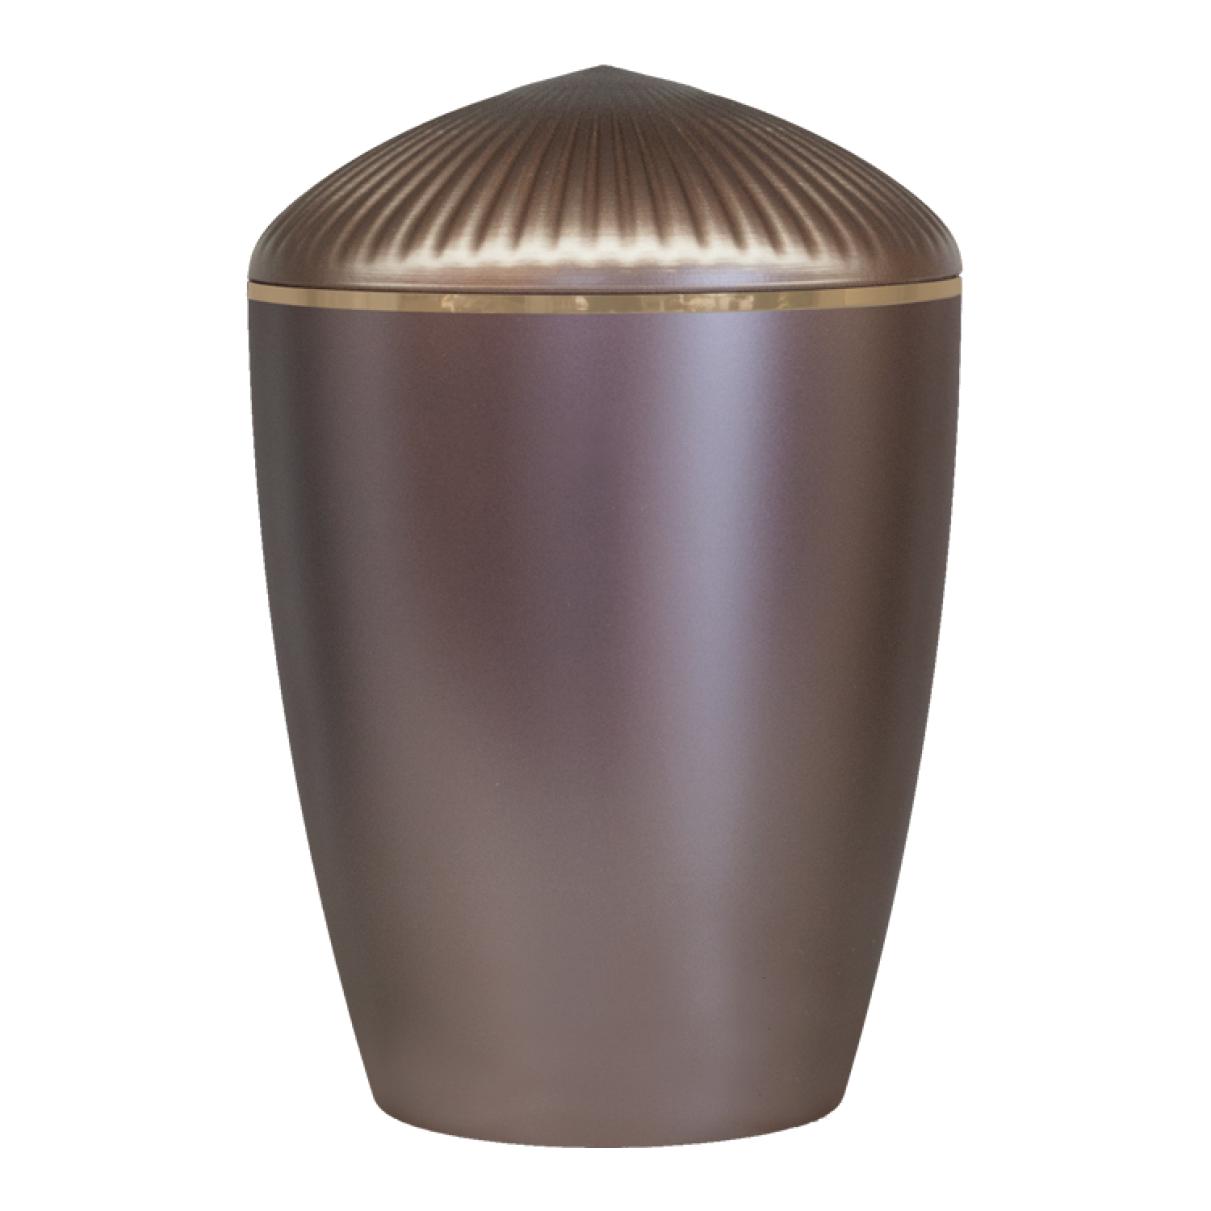 Ferndown Gold Band Cremation Urn – Dark Rose